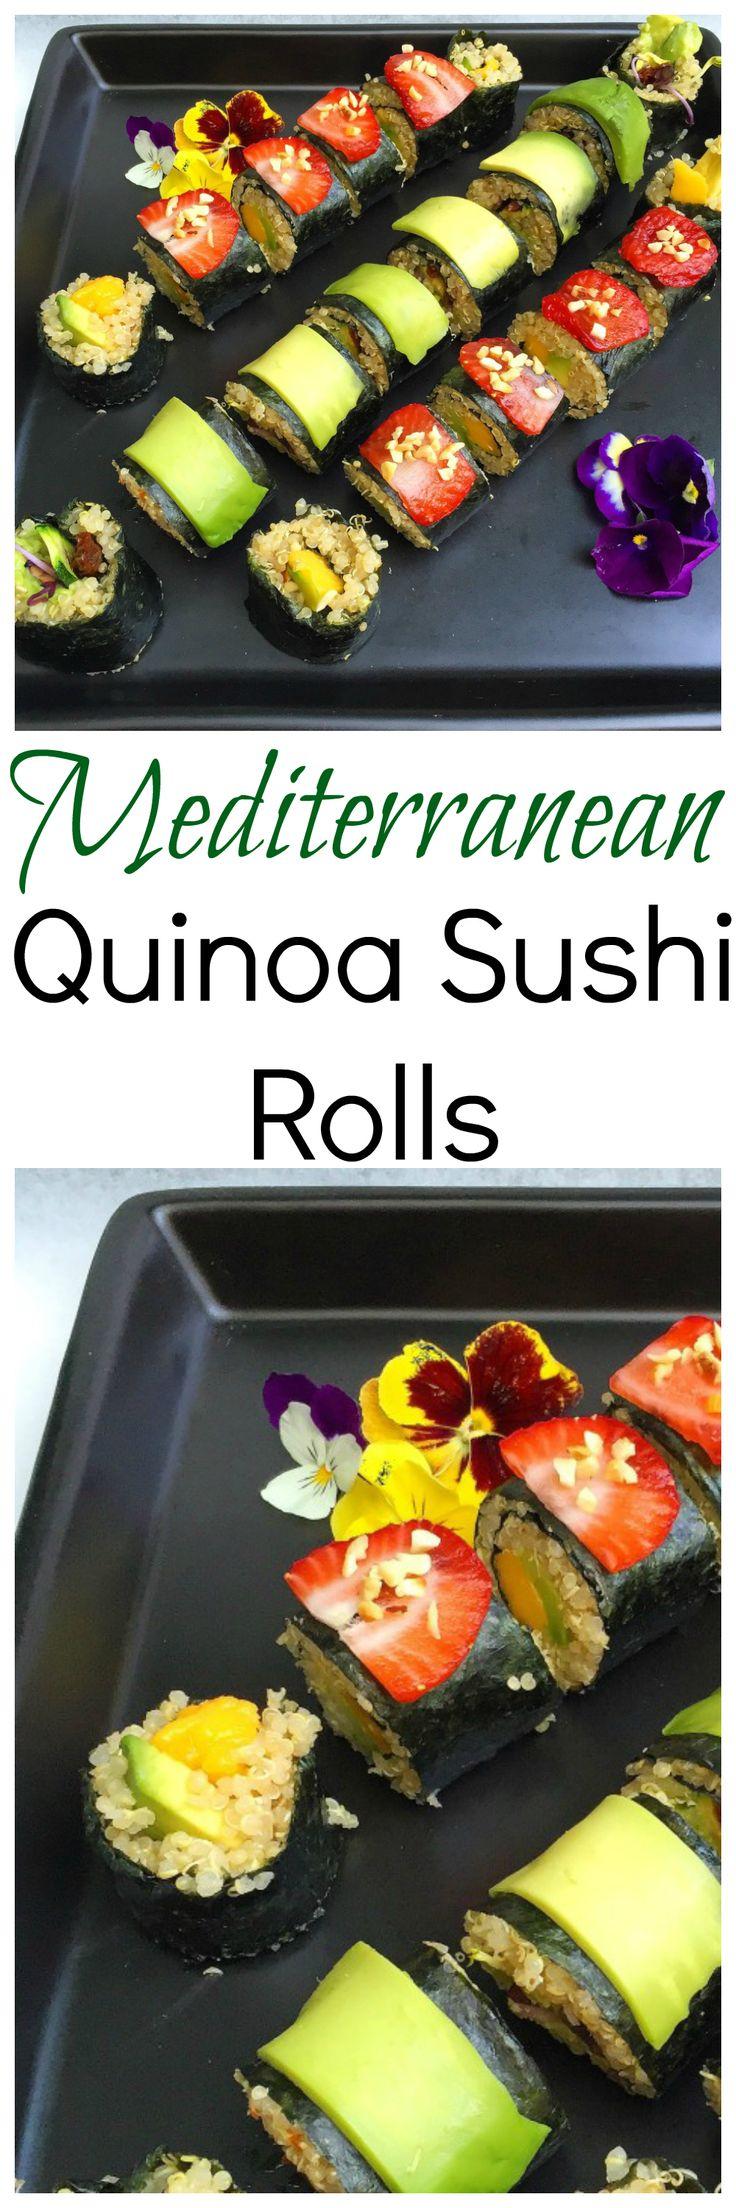 Mediterranean Quinoa Sushi Rolls Vegan